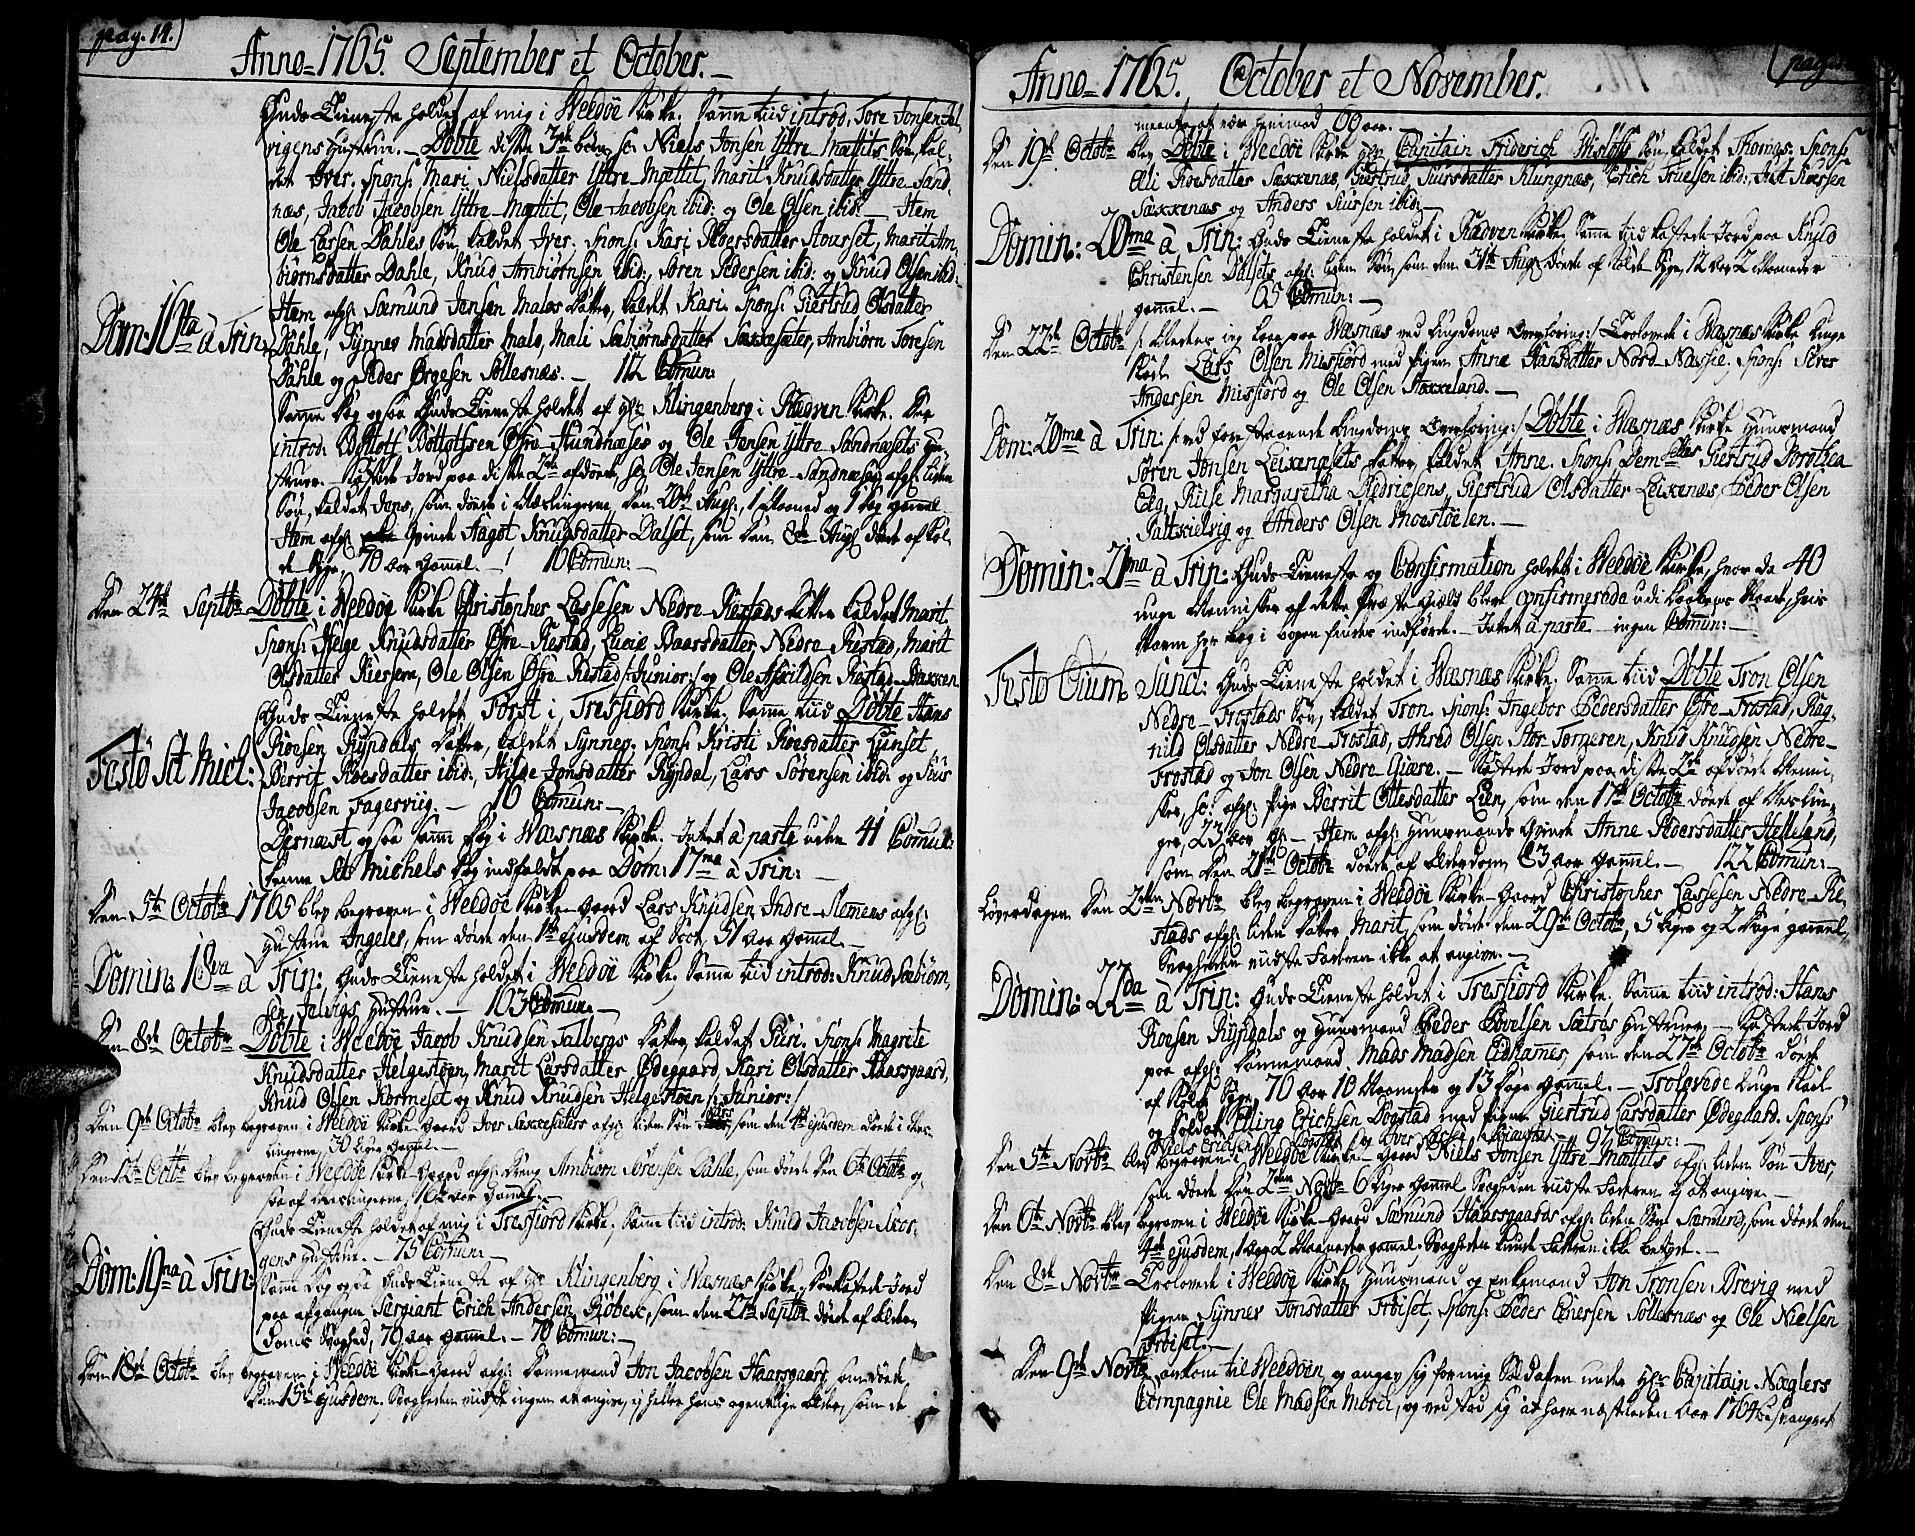 SAT, Ministerialprotokoller, klokkerbøker og fødselsregistre - Møre og Romsdal, 547/L0600: Ministerialbok nr. 547A02, 1765-1799, s. 14-15